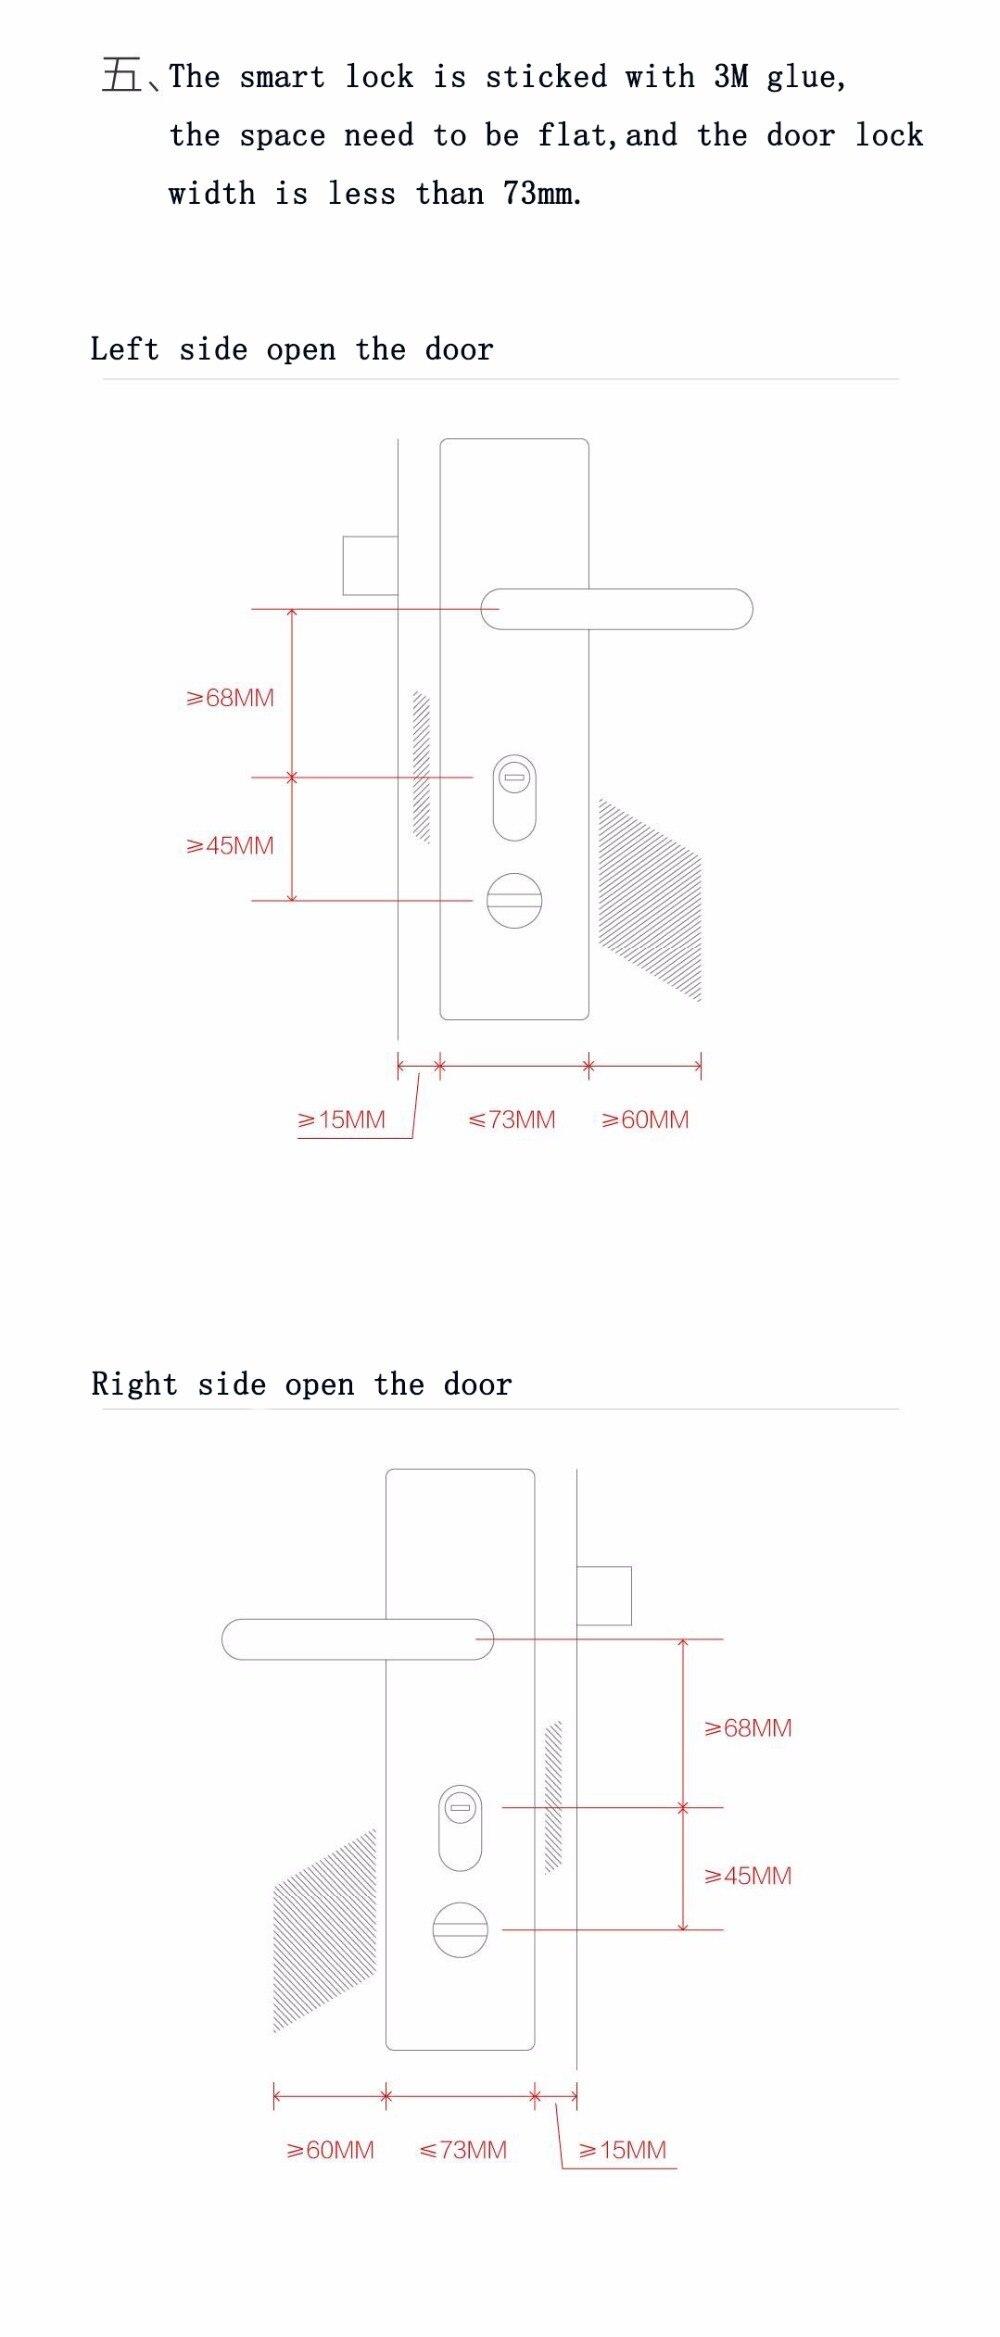 Xiaomi Sherlock Smart Home Door Lock M1 mijia Keyless Fingerprint+Password Securite Porte work to Mi home app phone control